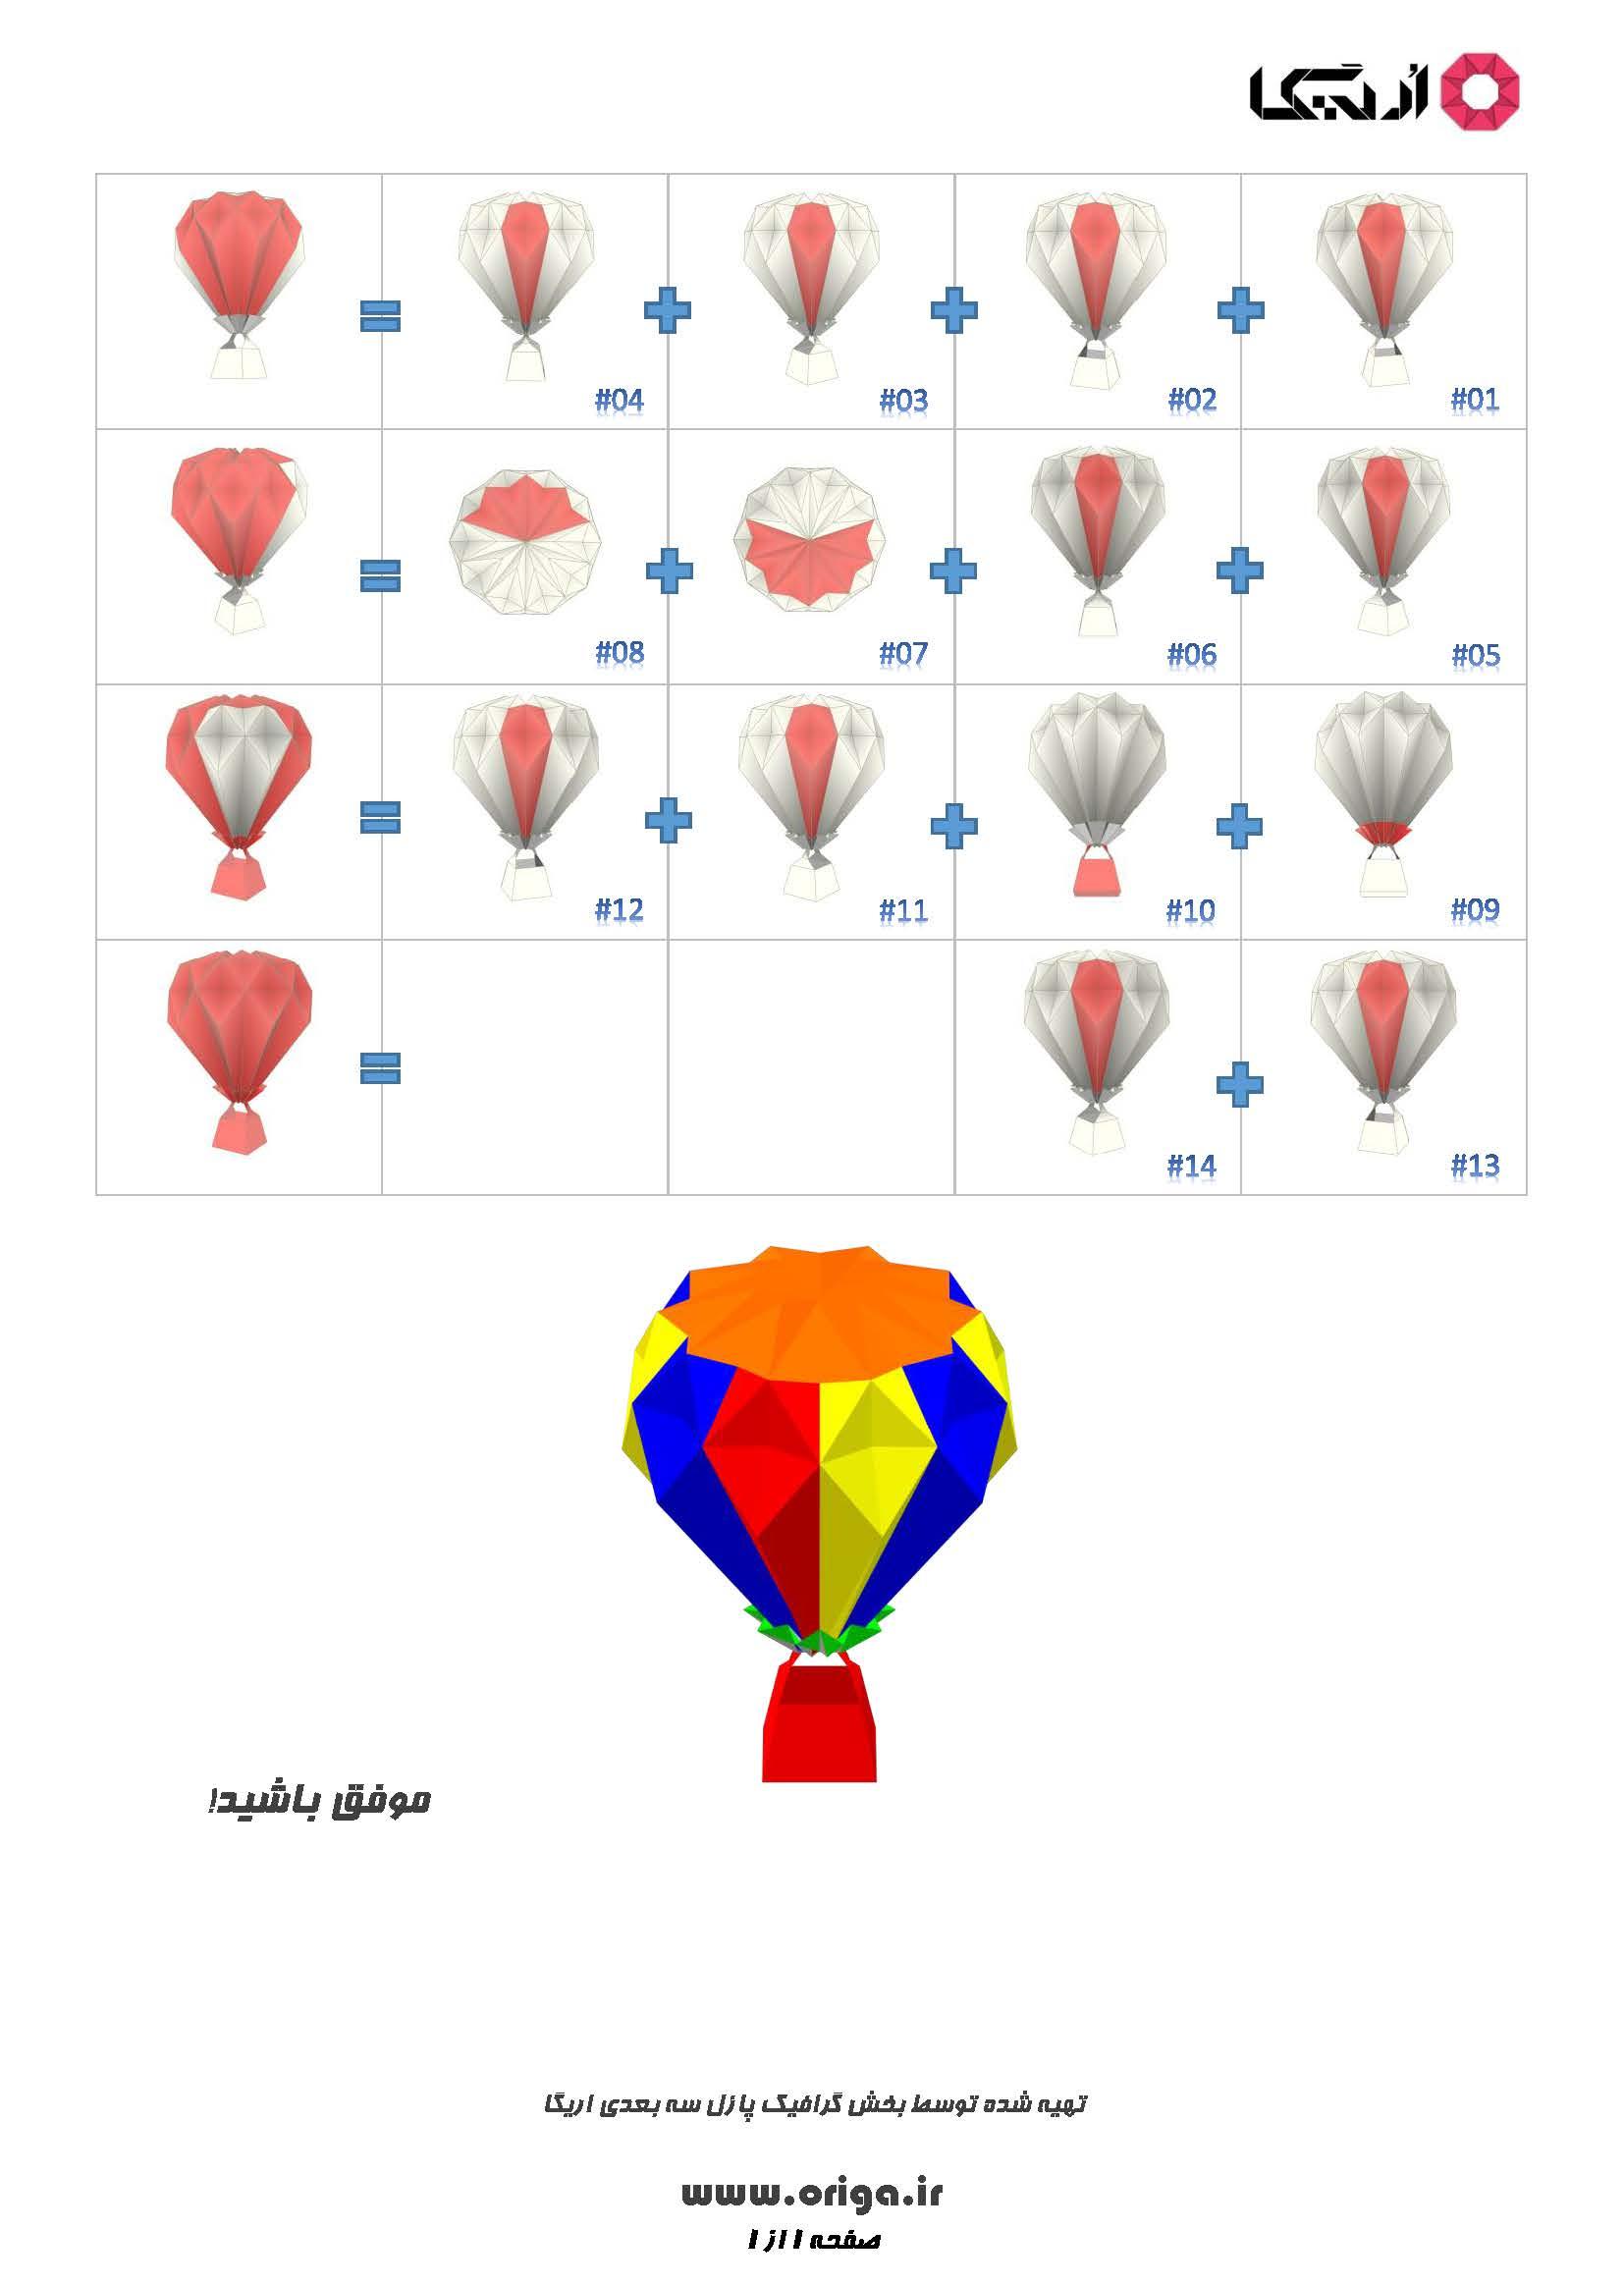 راهنمای ساخت بالون